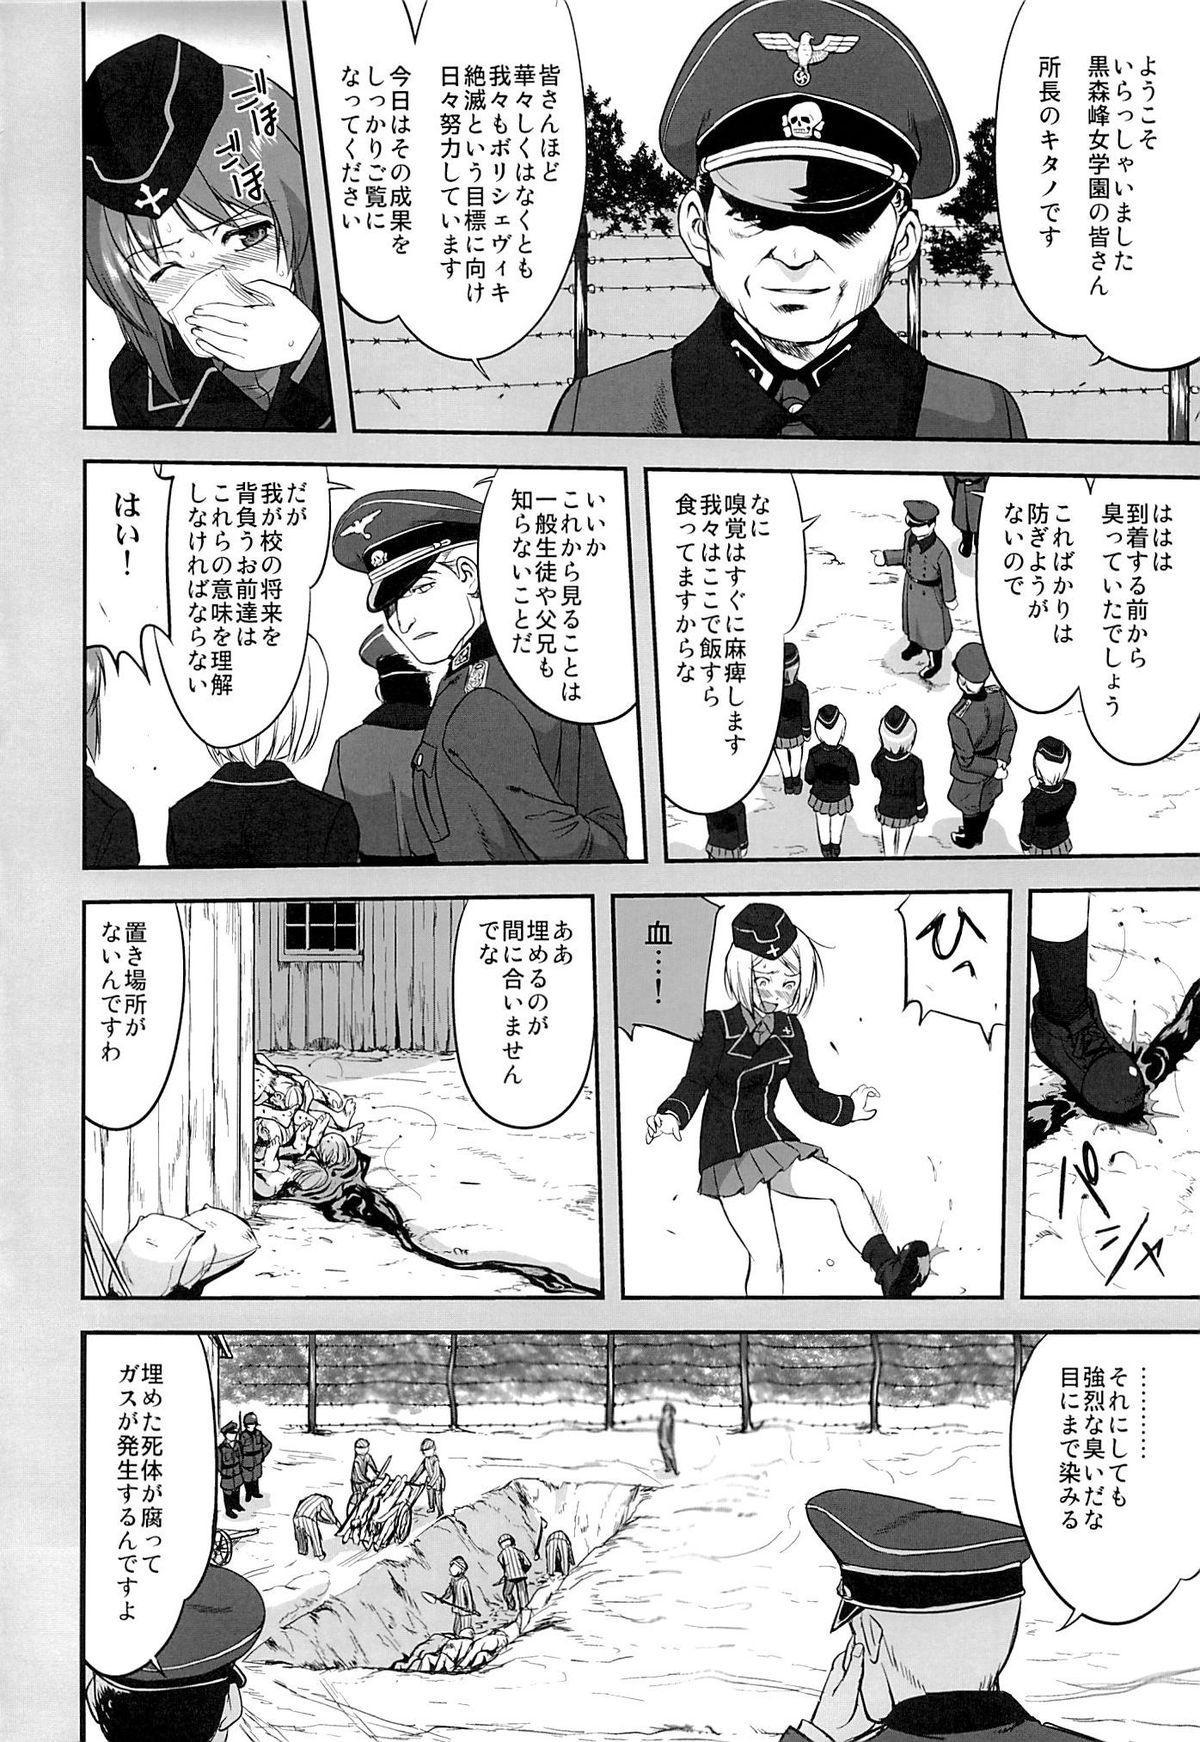 Yukiyukite Senshadou Kuromorimine no Tatakai 4